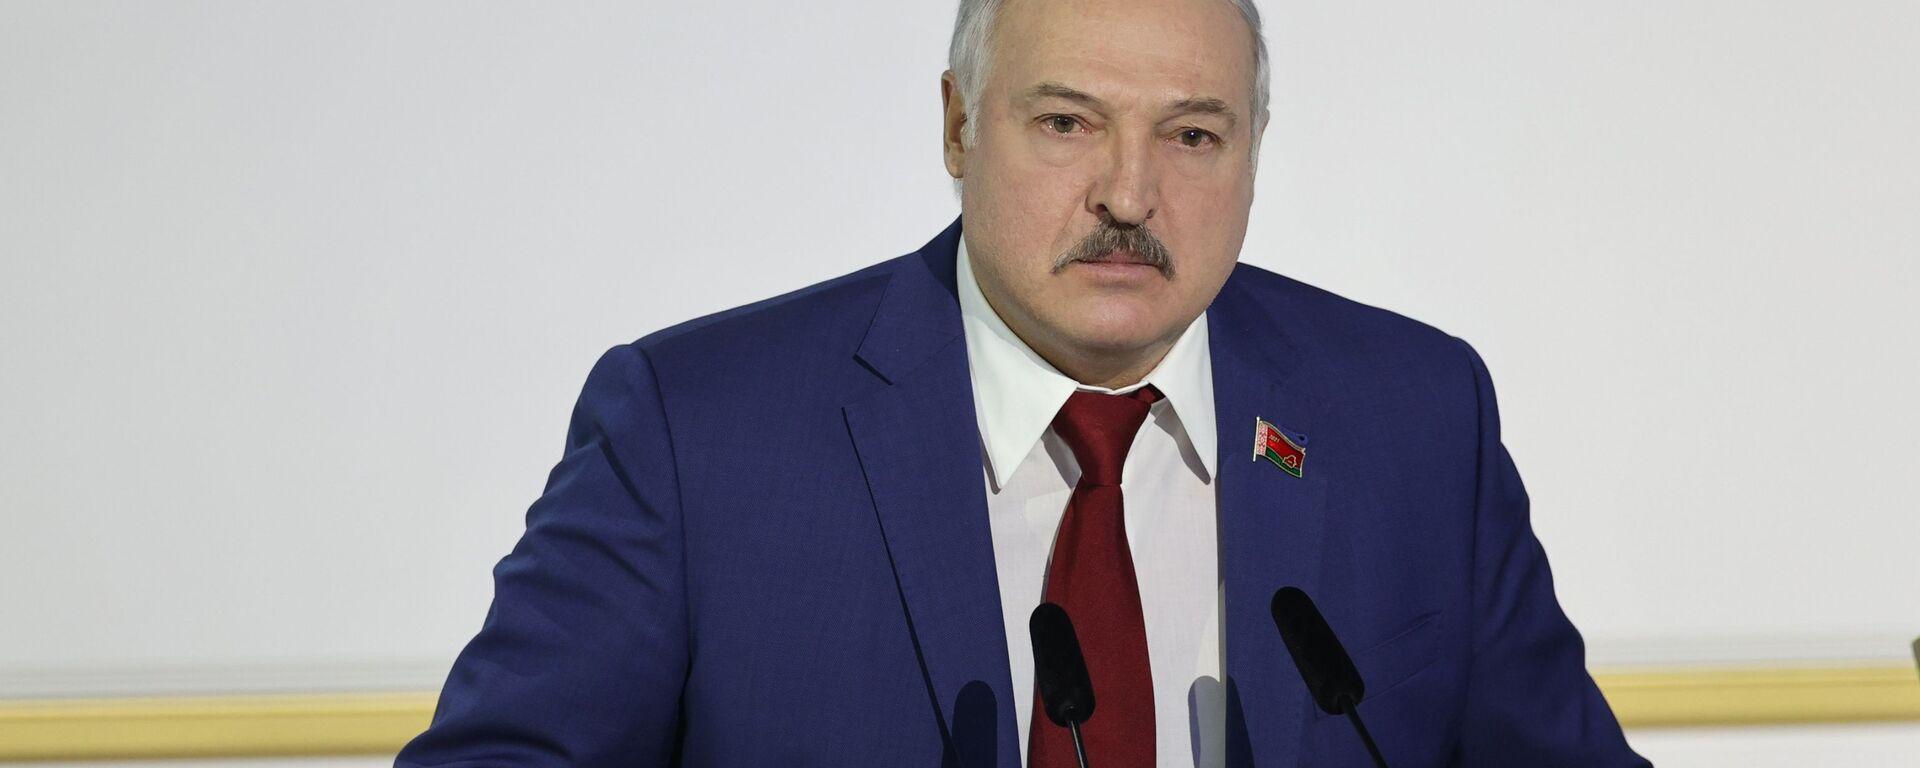 Председник Белорусије Александар Лукашенко - Sputnik Србија, 1920, 16.09.2021